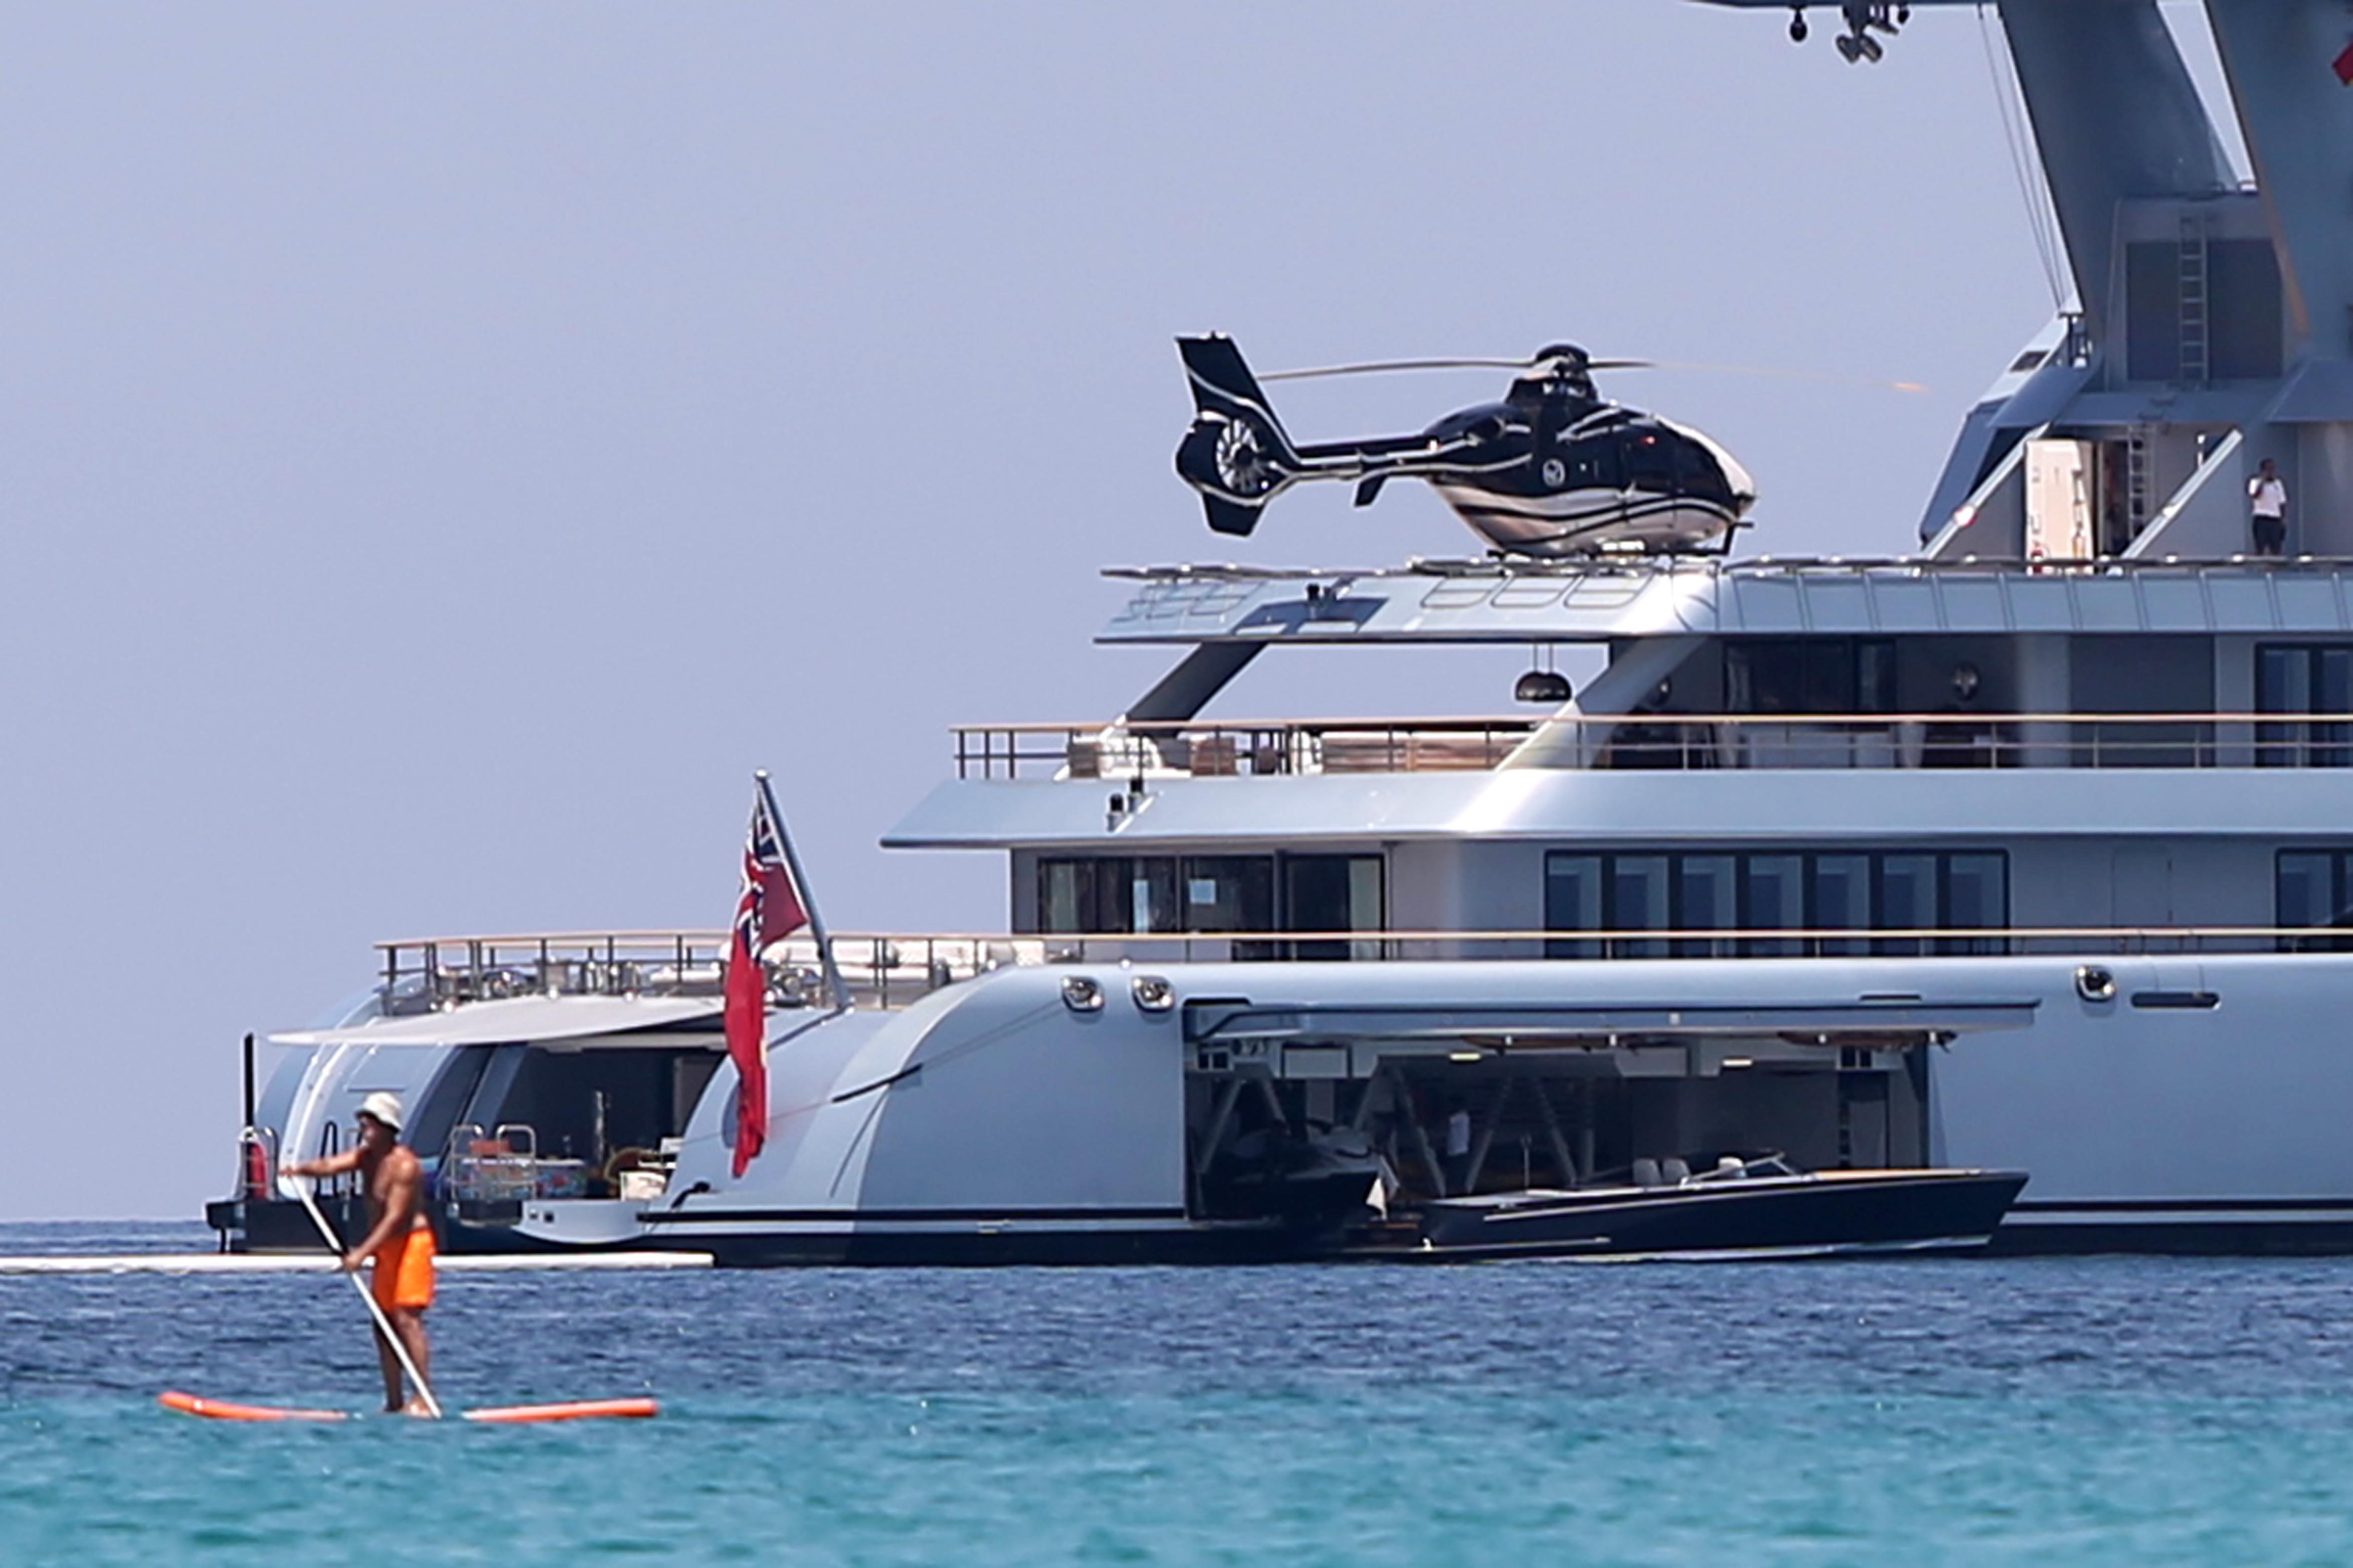 Yacht Con Elicottero Prezzo : Torna in sicilia il mega yacht del magnate russo gas